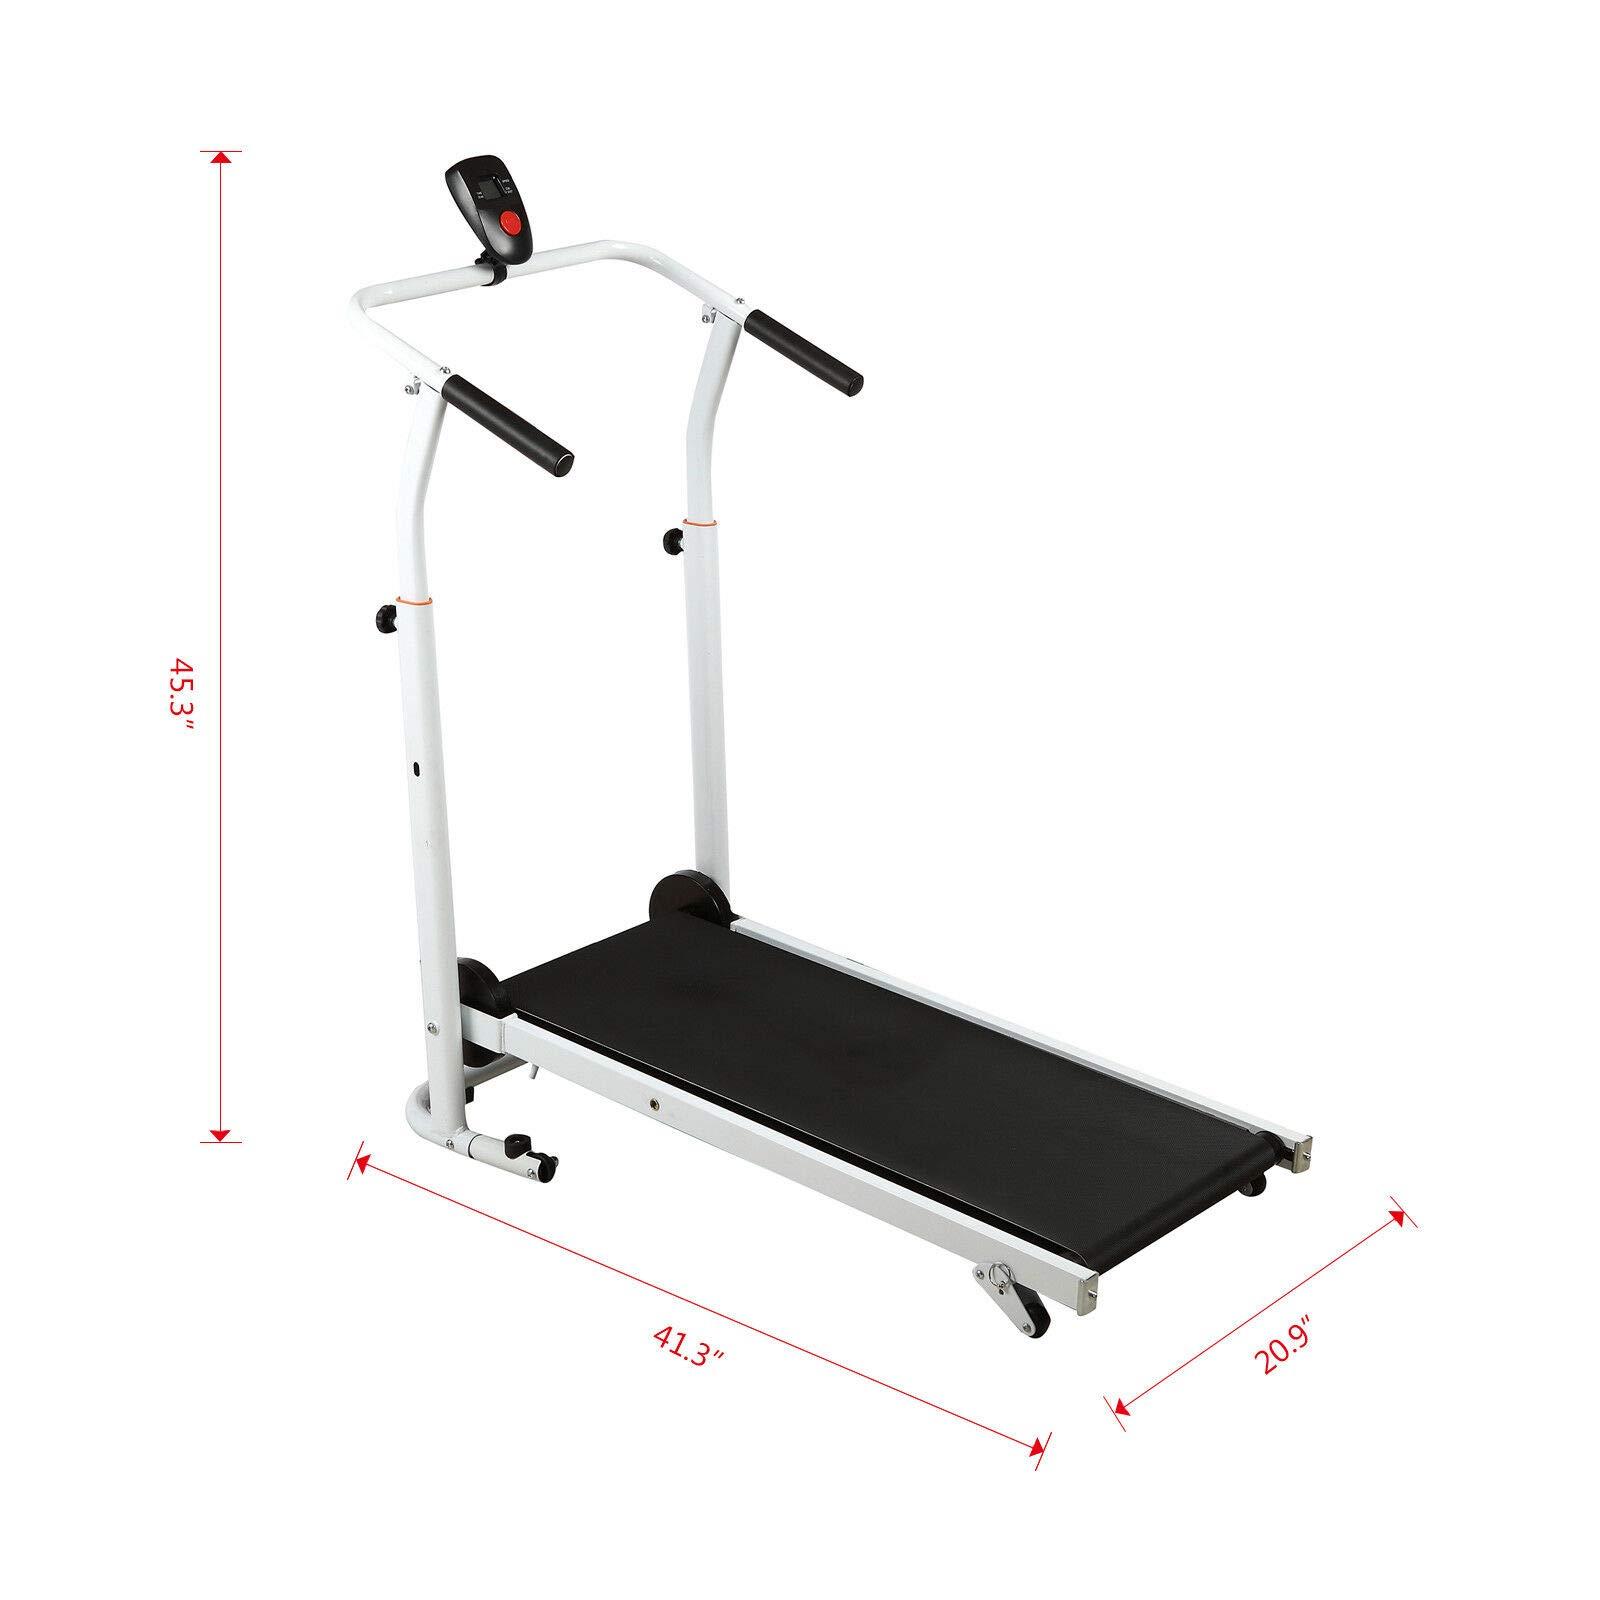 HappyShopShop Folding Adjustable Manual Treadmill Run Running Walk Walking Machine Cardio Exercise by HappyShopShop (Image #2)